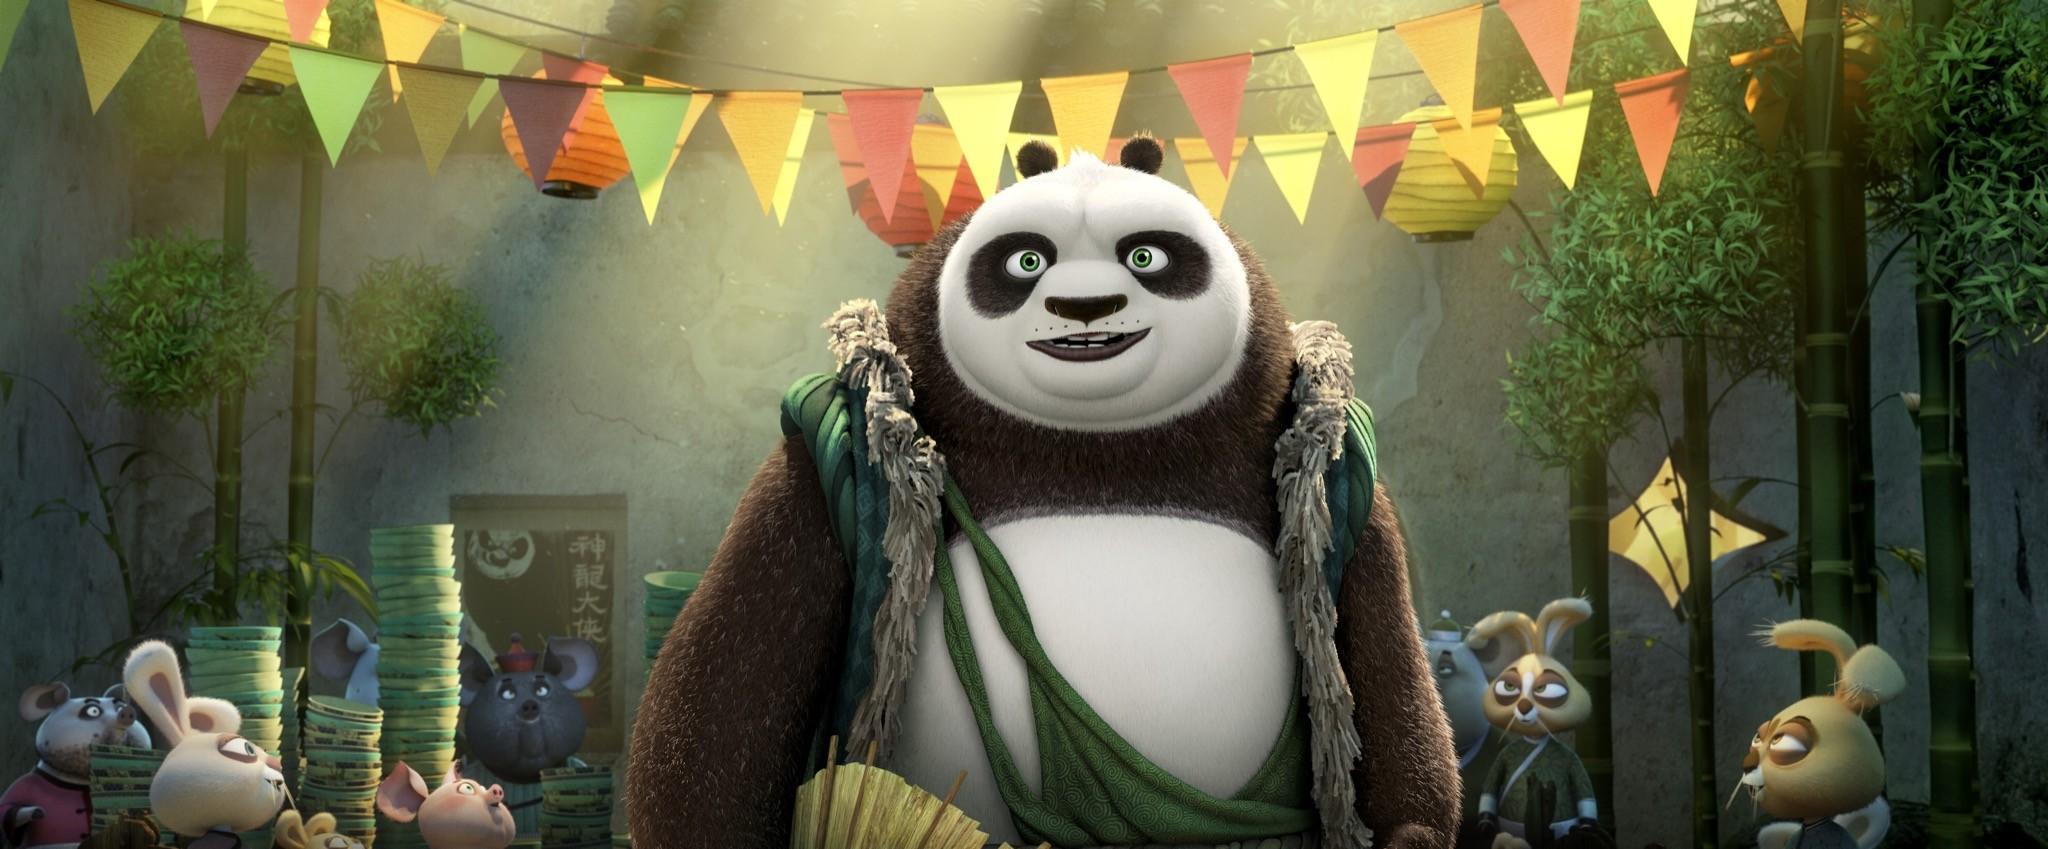 Kung Fu Panda 3-image-9